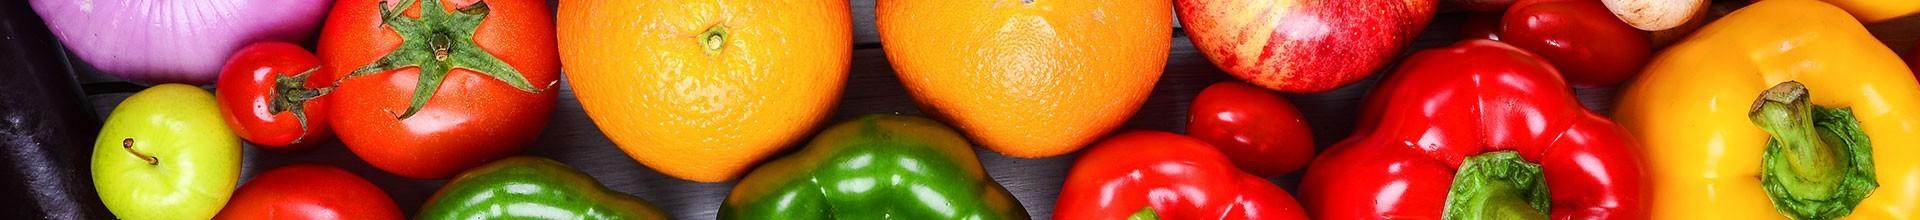 Légumes saison Toulouse, fruits frais saison, panier tout prêt producteur